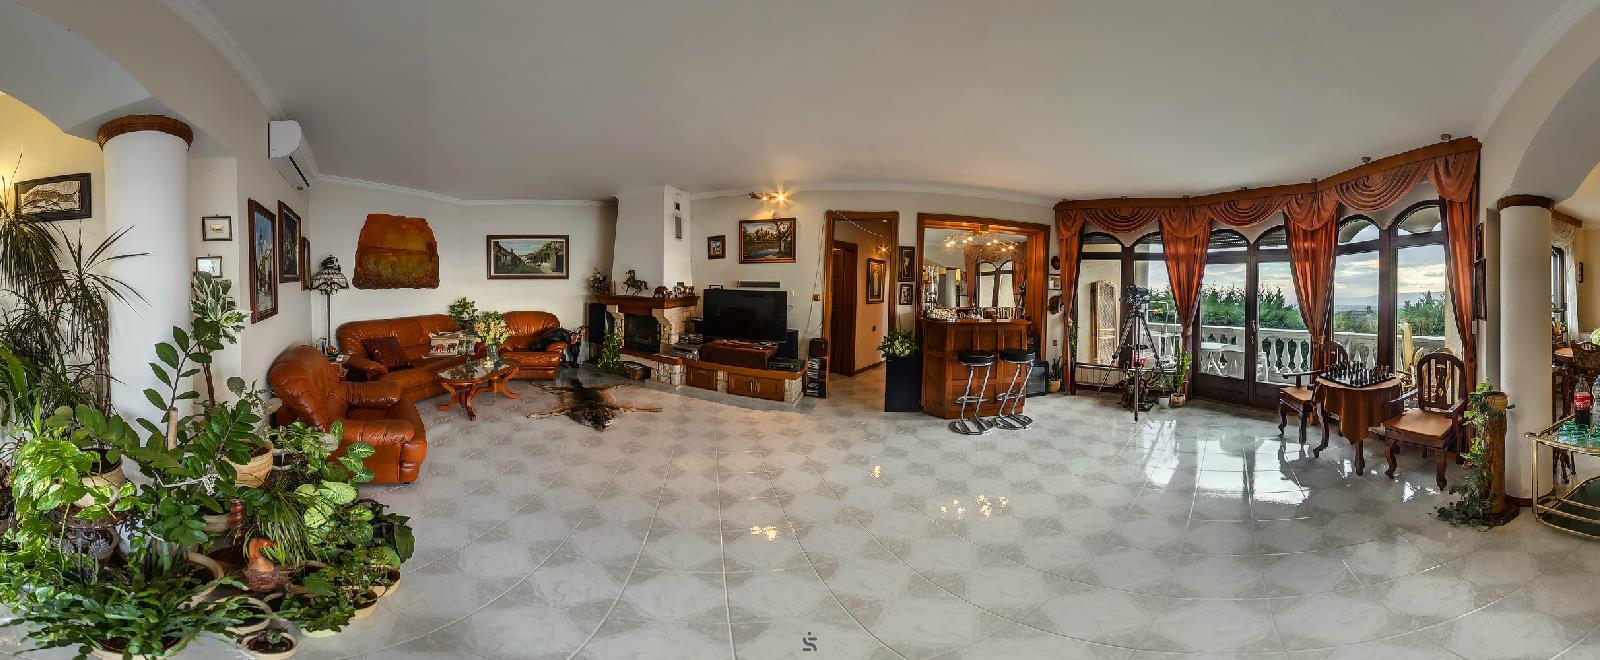 Ingatlanséta - Eladó ingatlan Szentendre 1823724